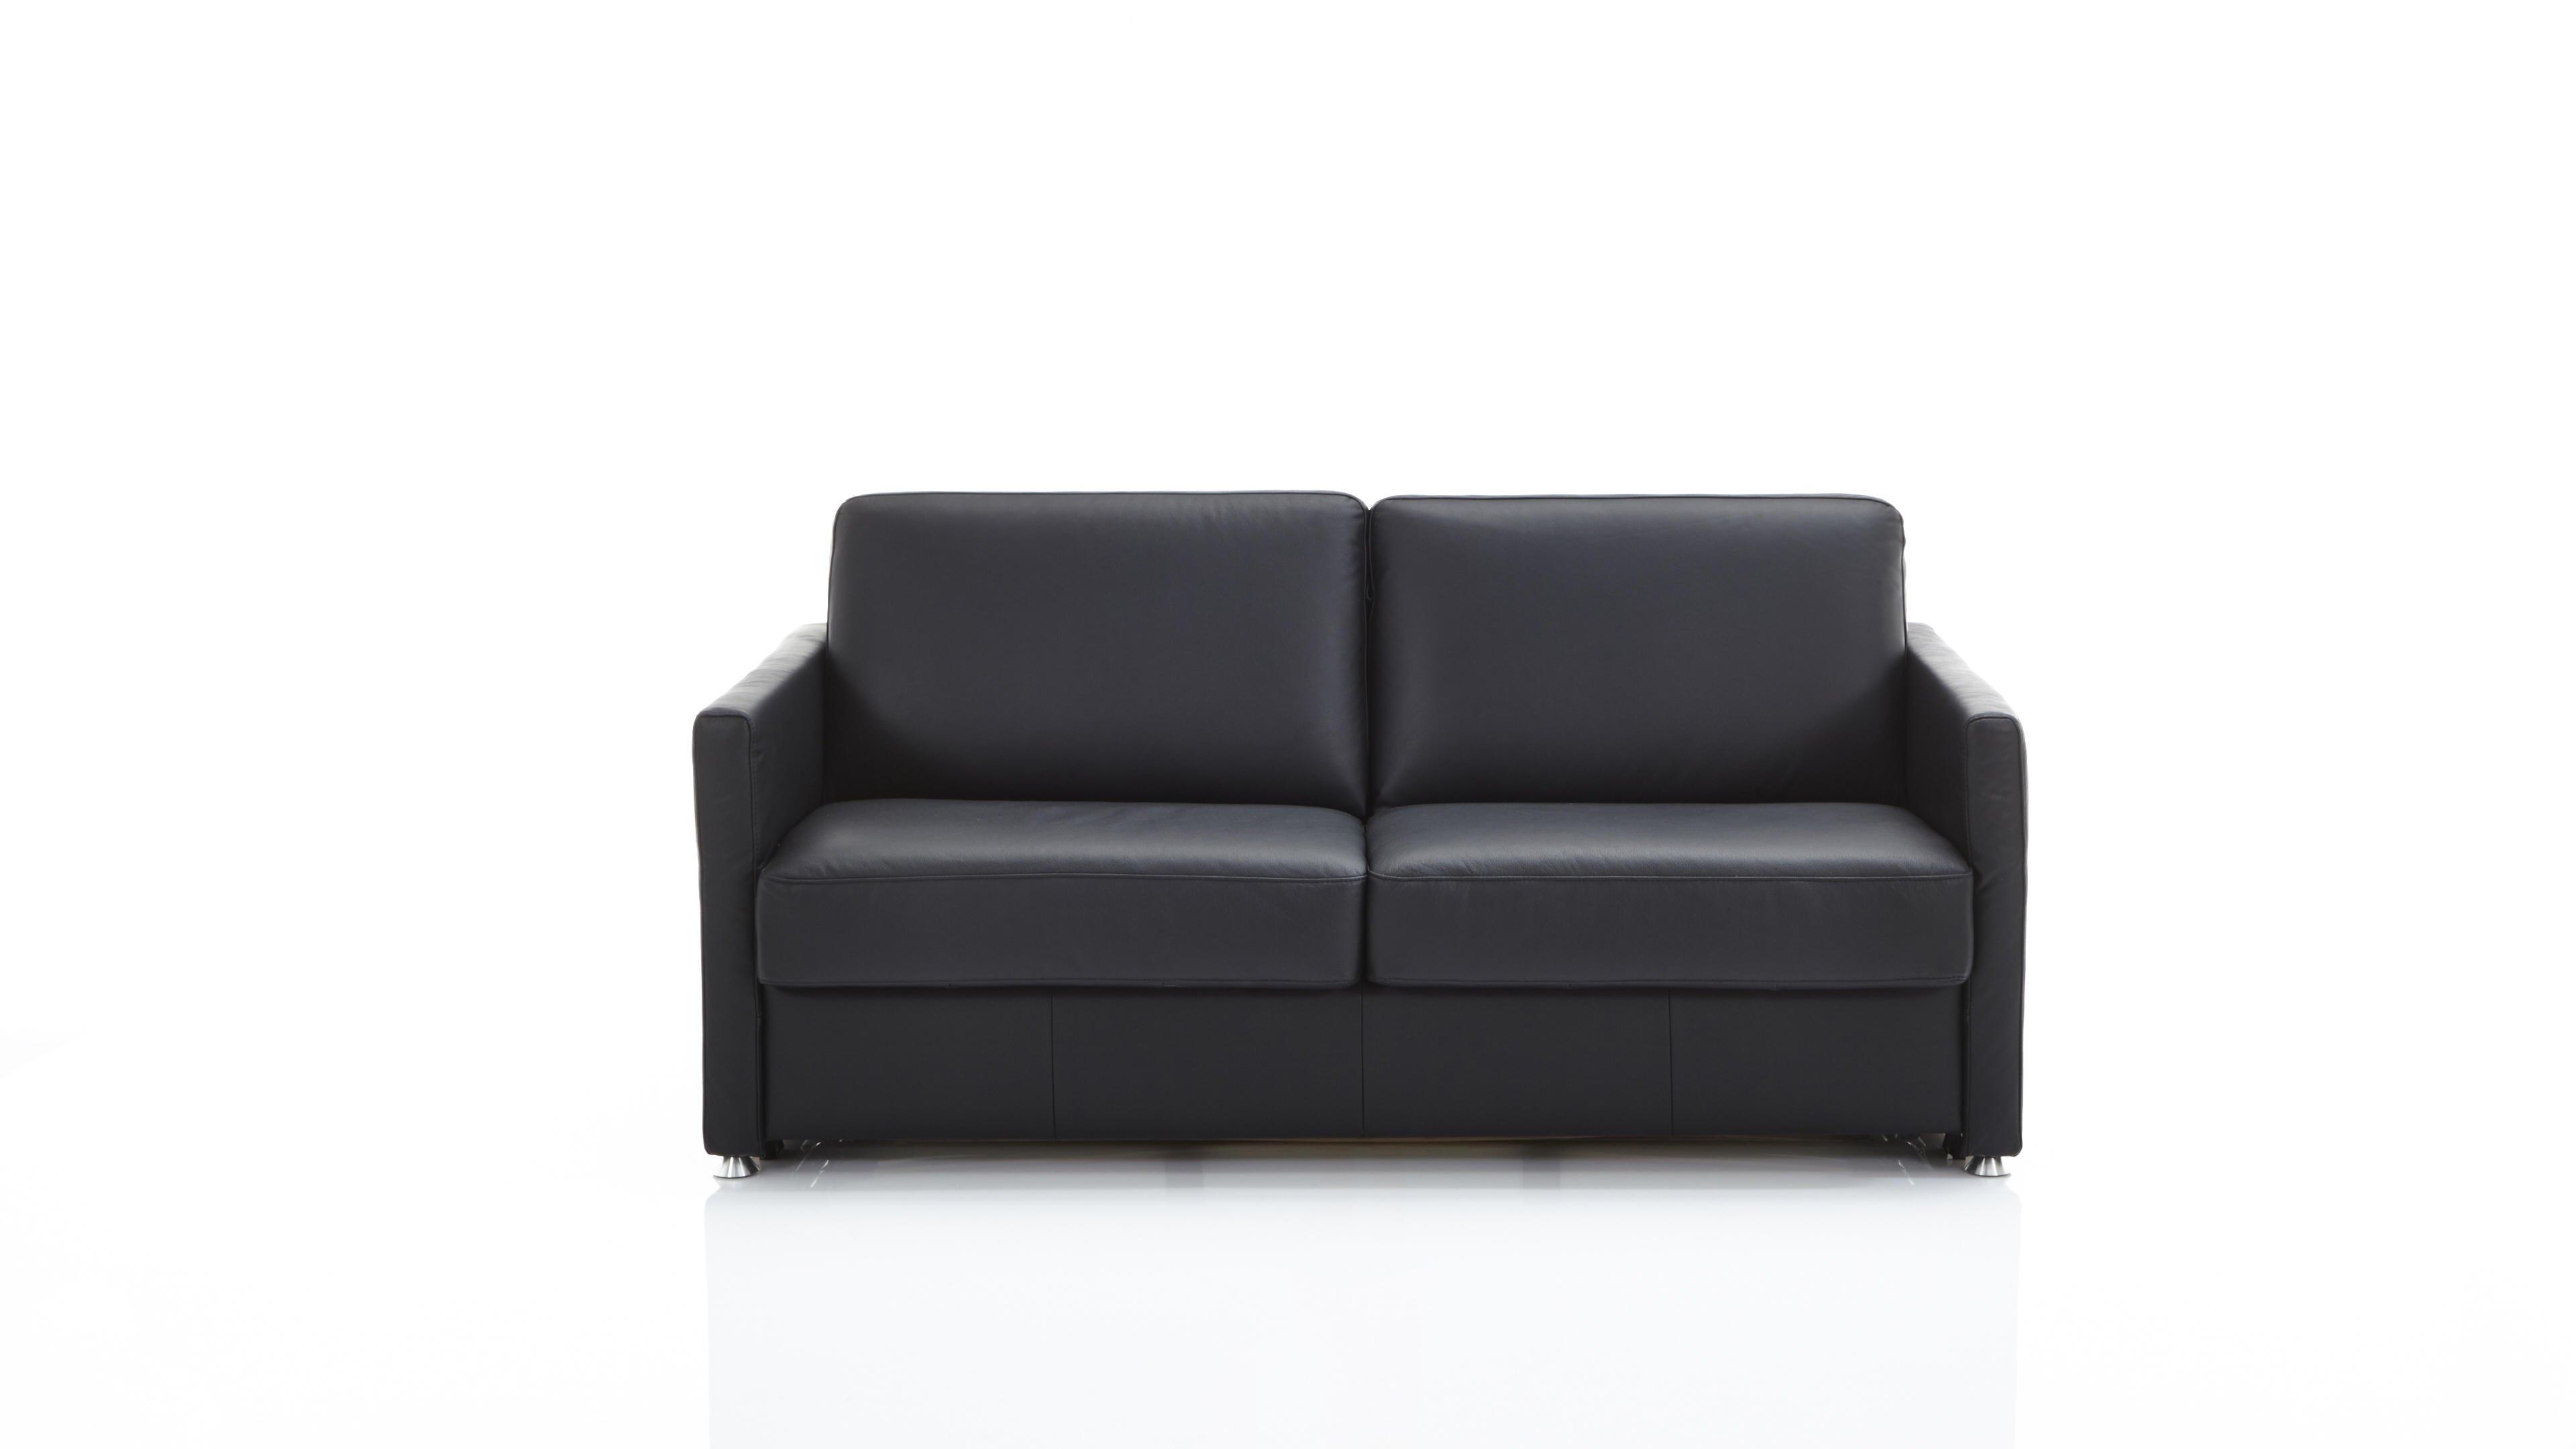 Schlafsofa Molto Schwarz schwarzes Leder 10-1014 & verchromte Metallfüße - Breite ca. 188 cm